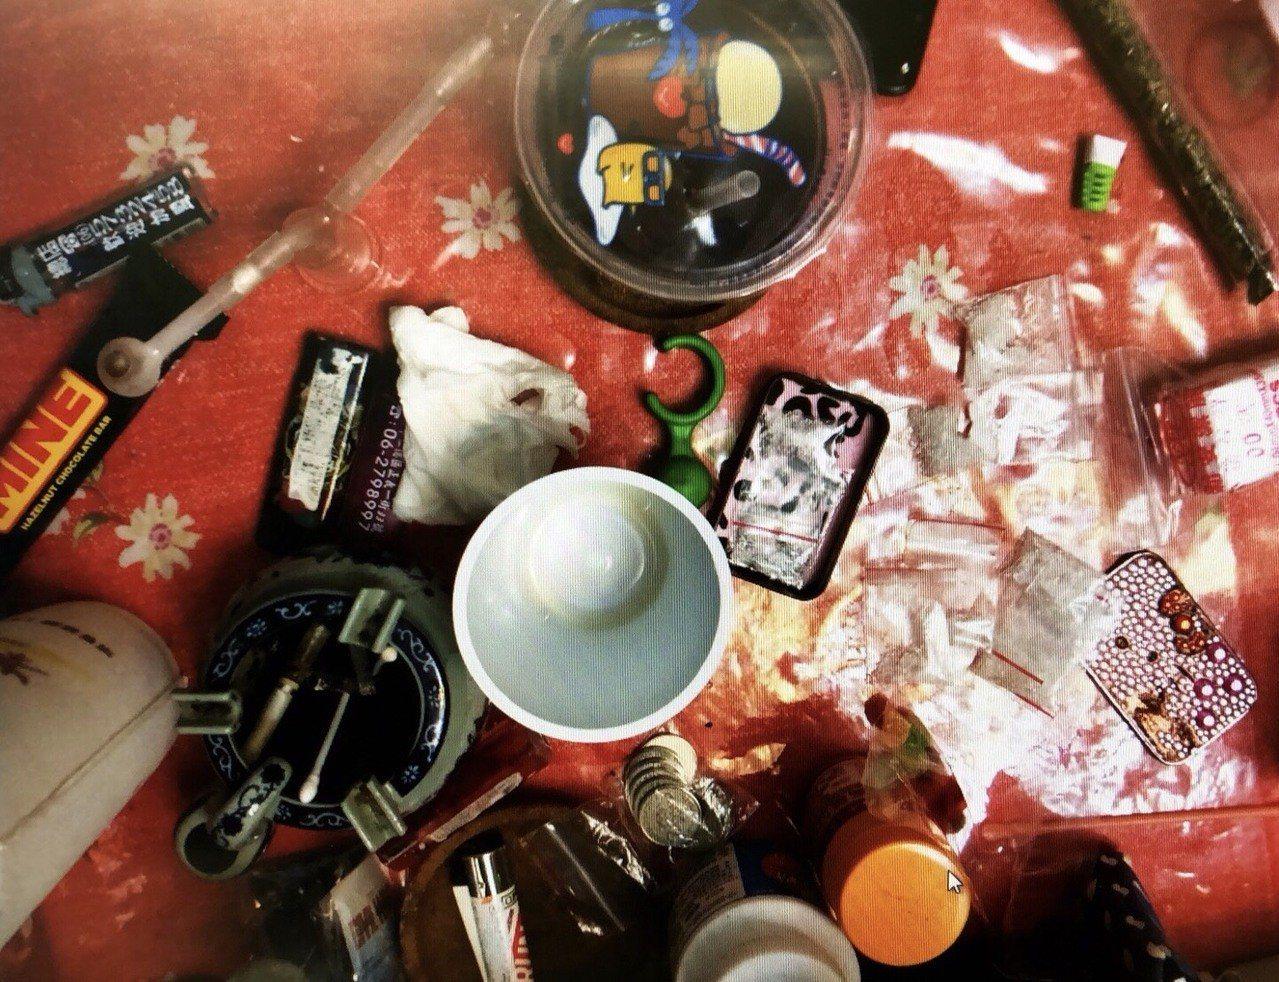 警方在藥頭住處查獲毒品, 隨意扔在桌上。 圖/警方提供